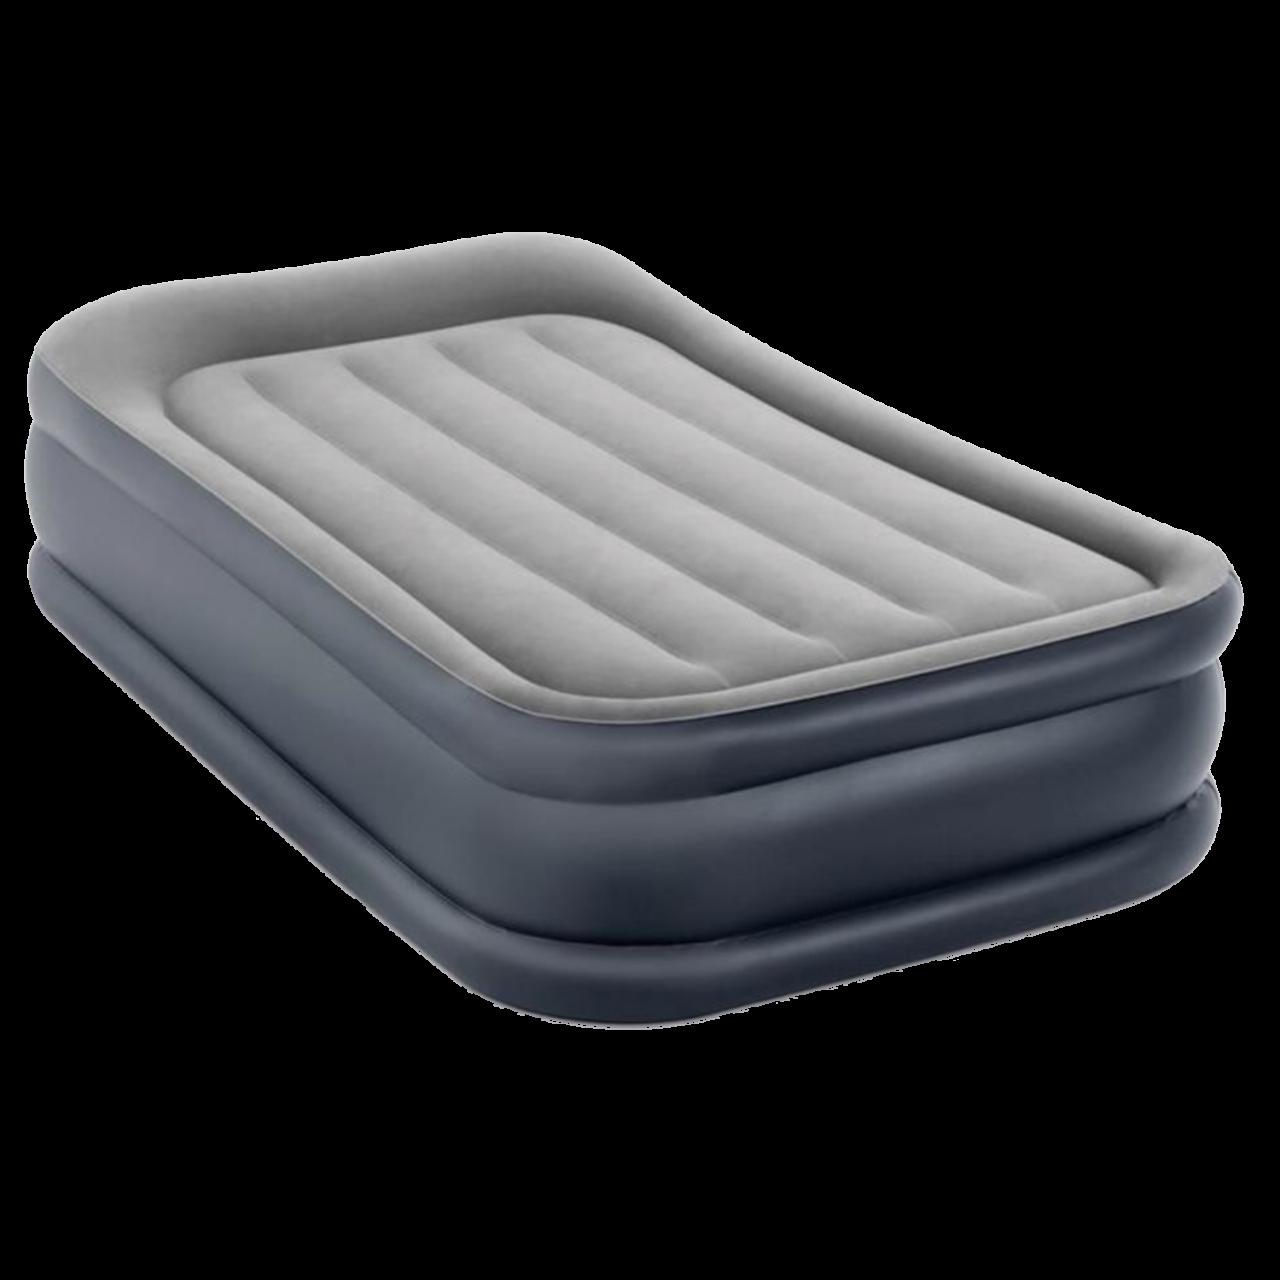 Intex Luftbett mit Pumpe Gästebett Luftmatratze 191x99x42cm selbstaufblasend